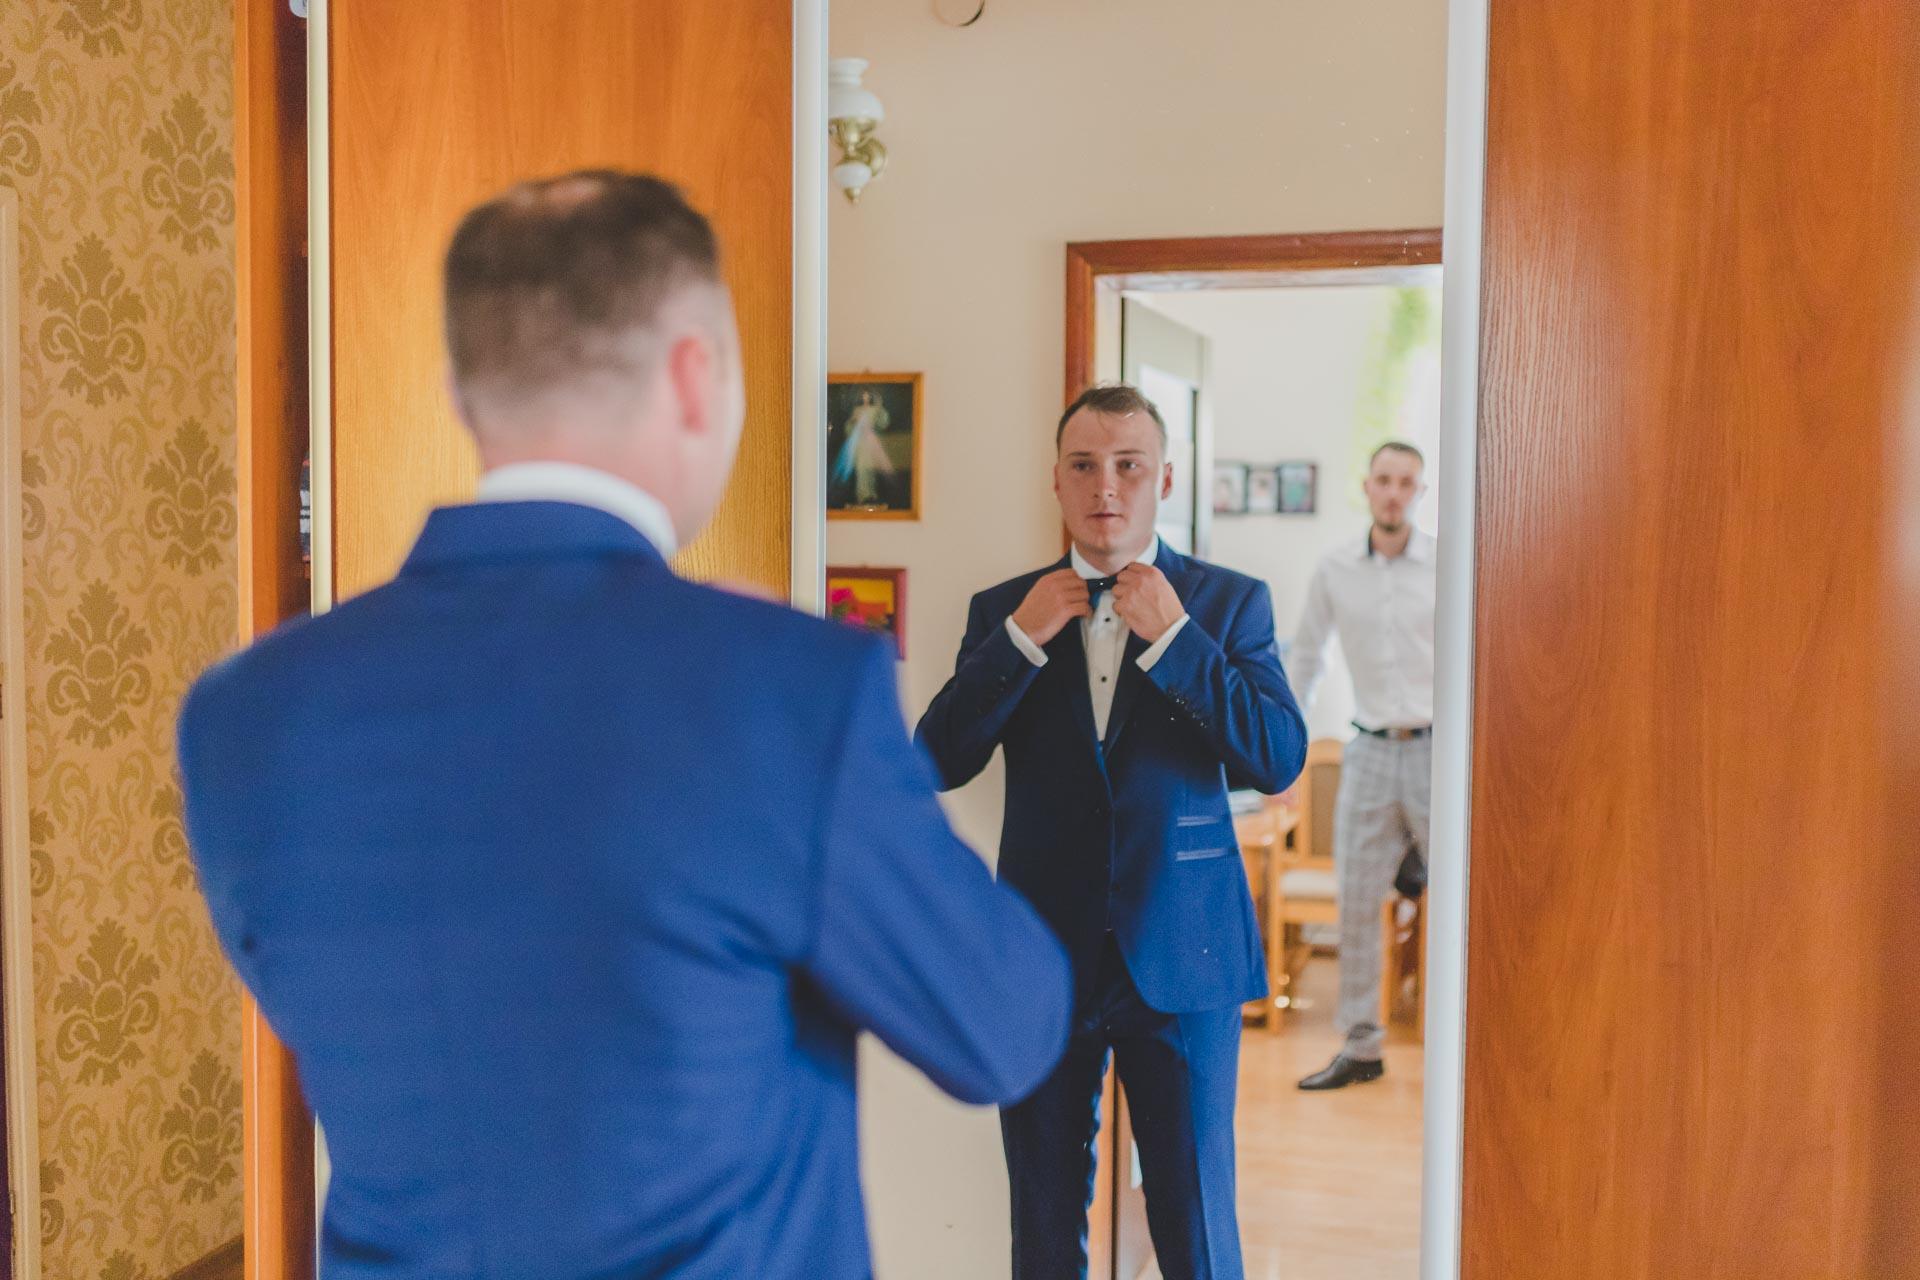 Przygotowania ślubne w domu pana młodego